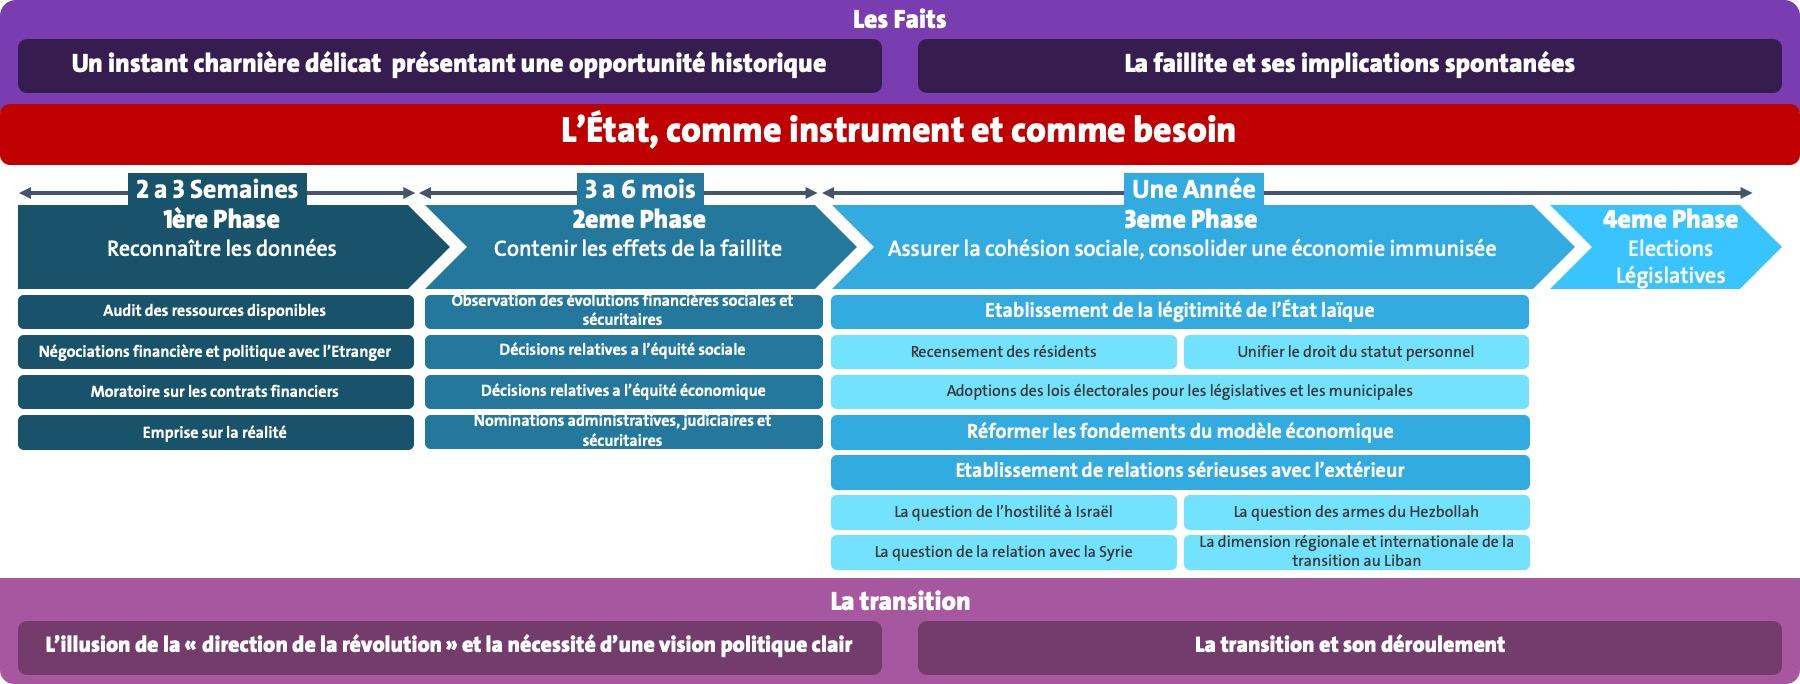 political Vision Fr